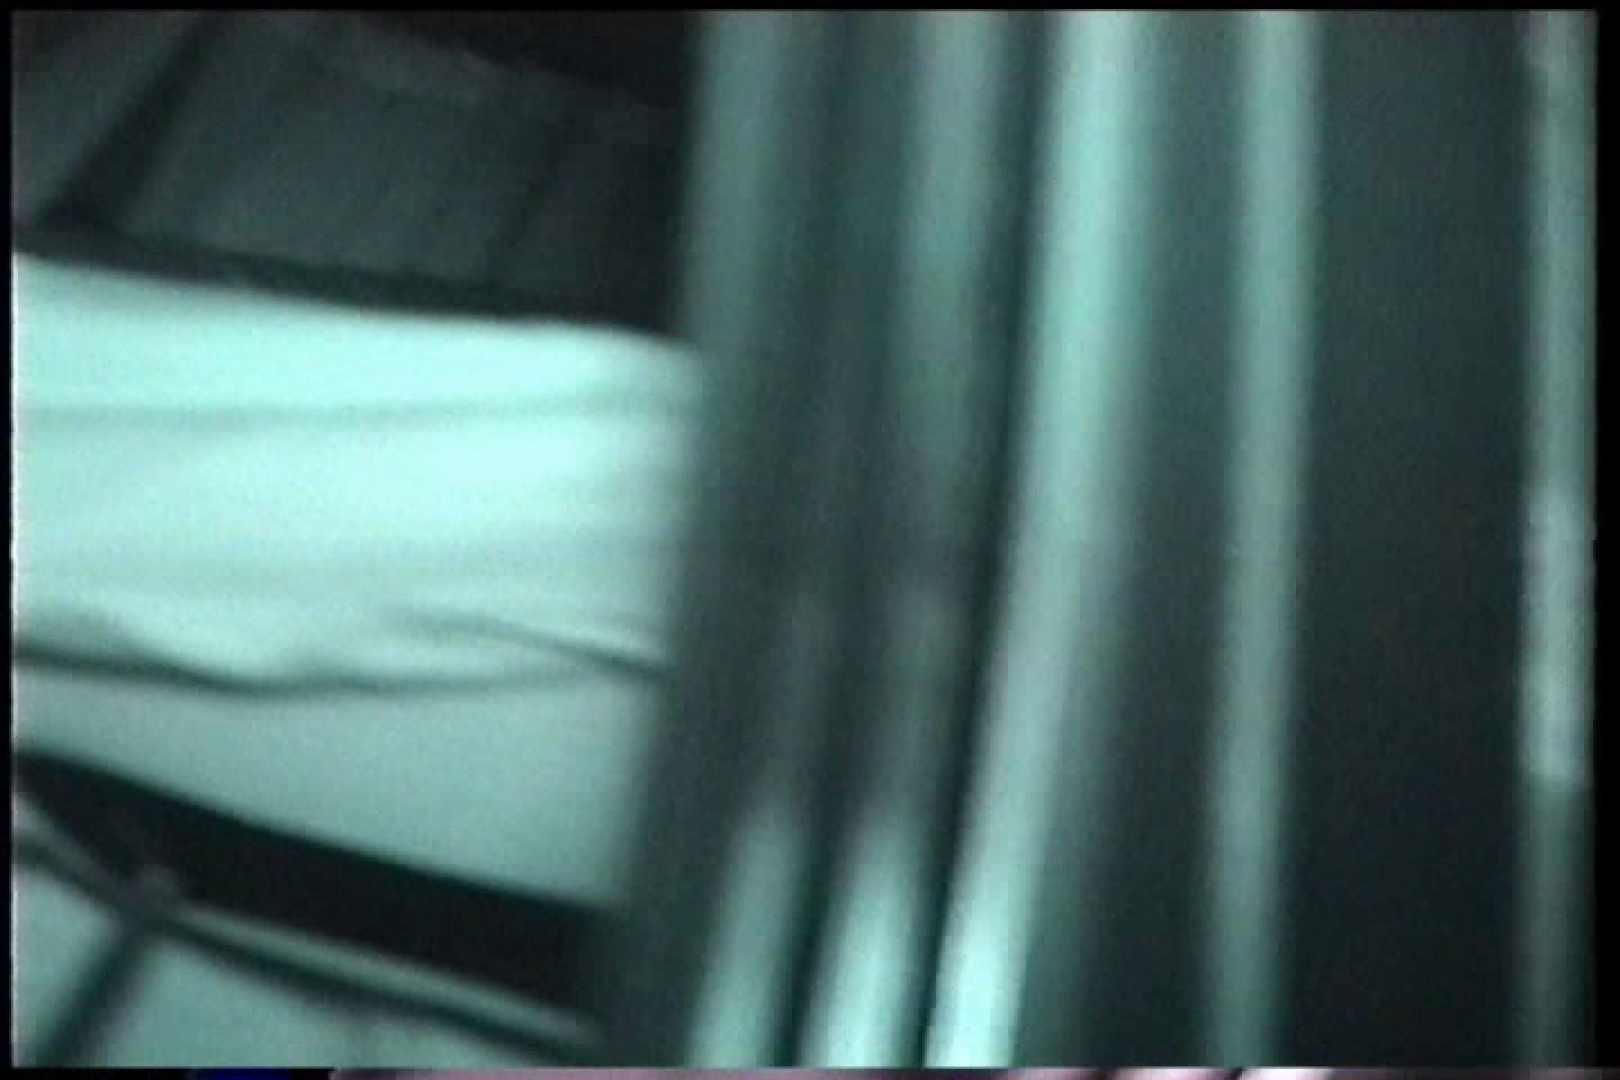 充血監督の深夜の運動会Vol.227 OLエロ画像 のぞきエロ無料画像 69PICs 11